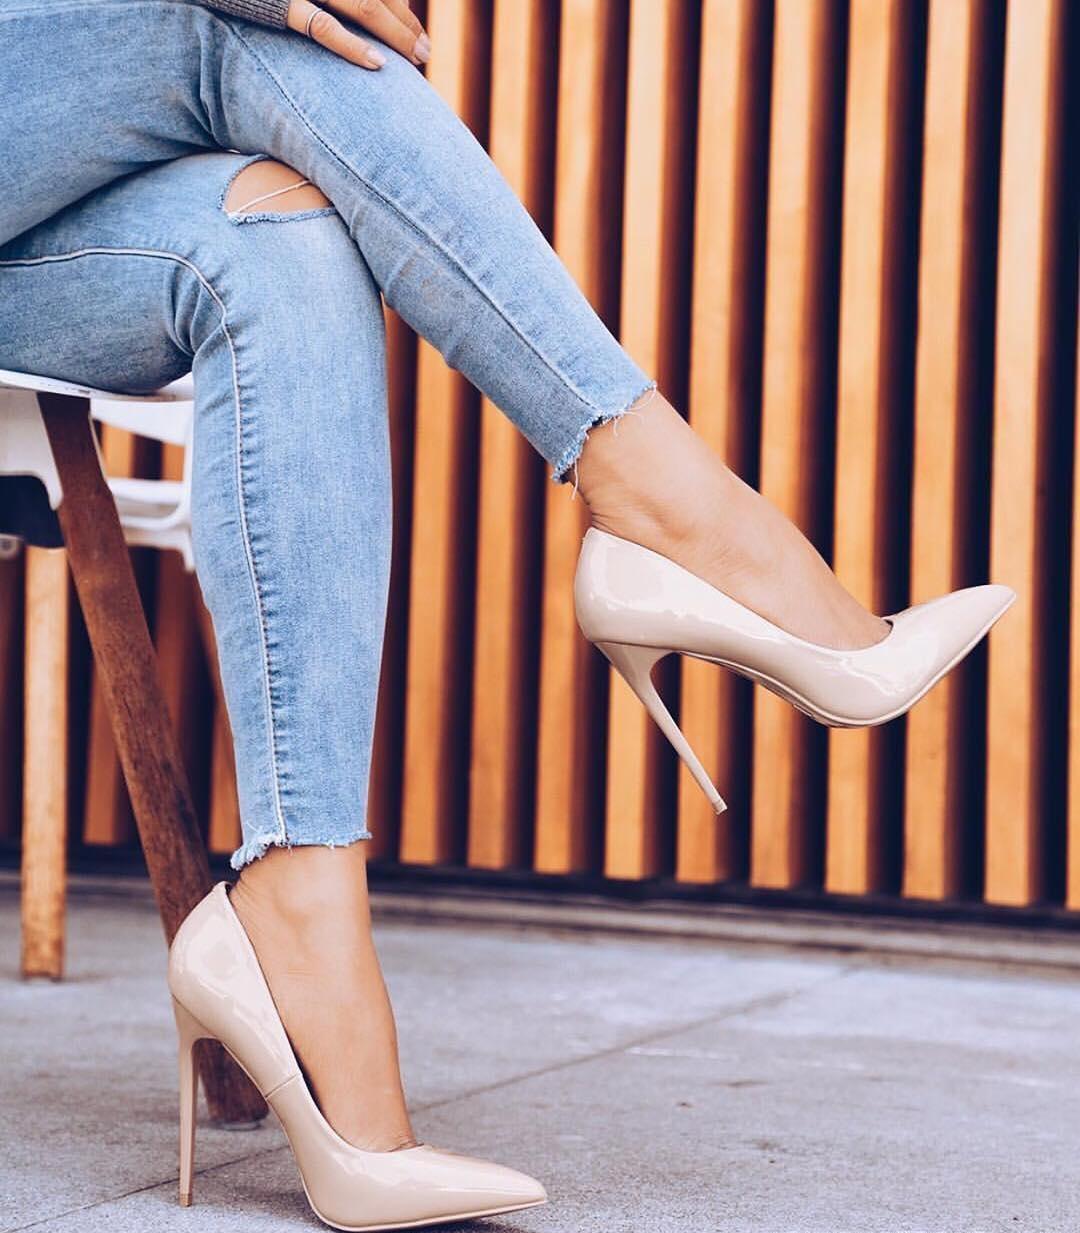 женская обувь весна лето 2019: туфли бежевые лодочки на шпильке